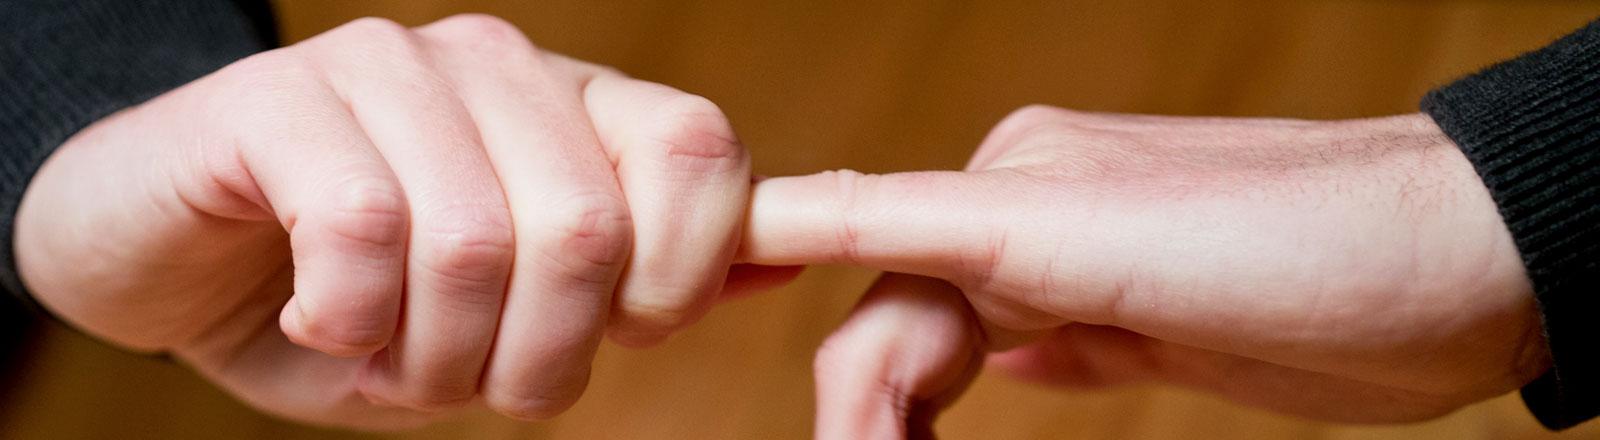 Zwei Hände: die eine zieht am Finger der anderen Hand